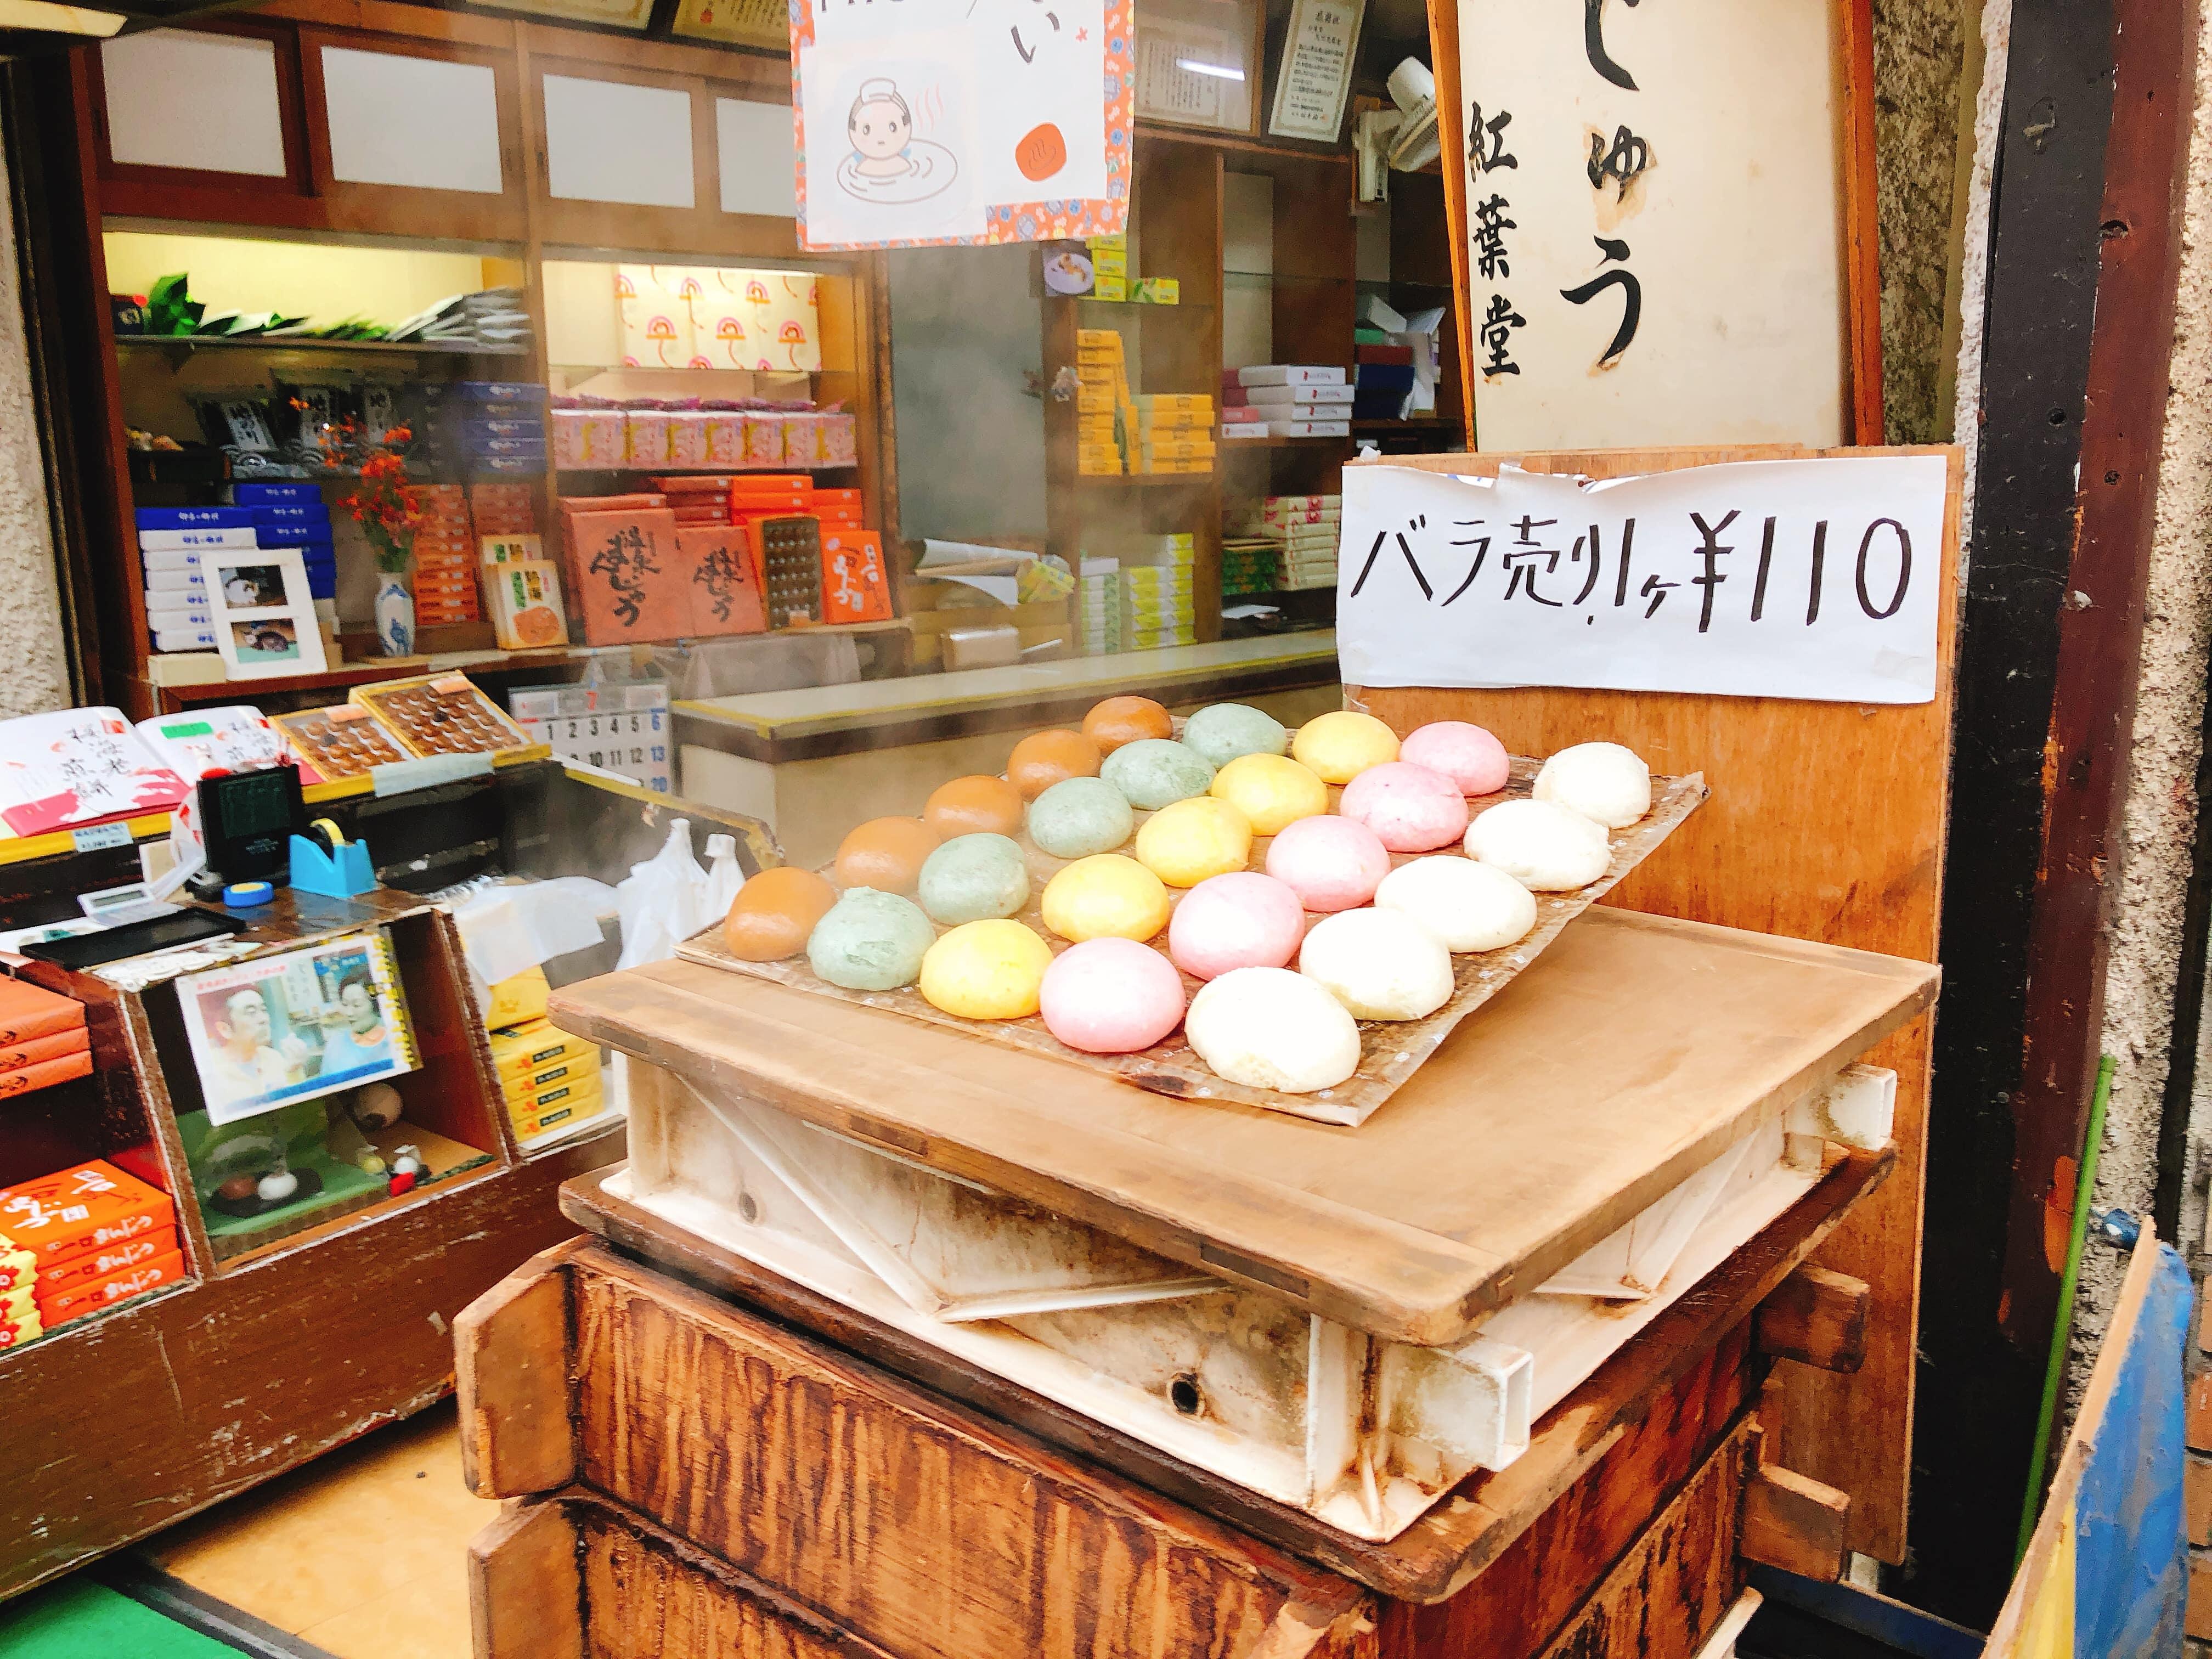 Food at Atami Shopping Street